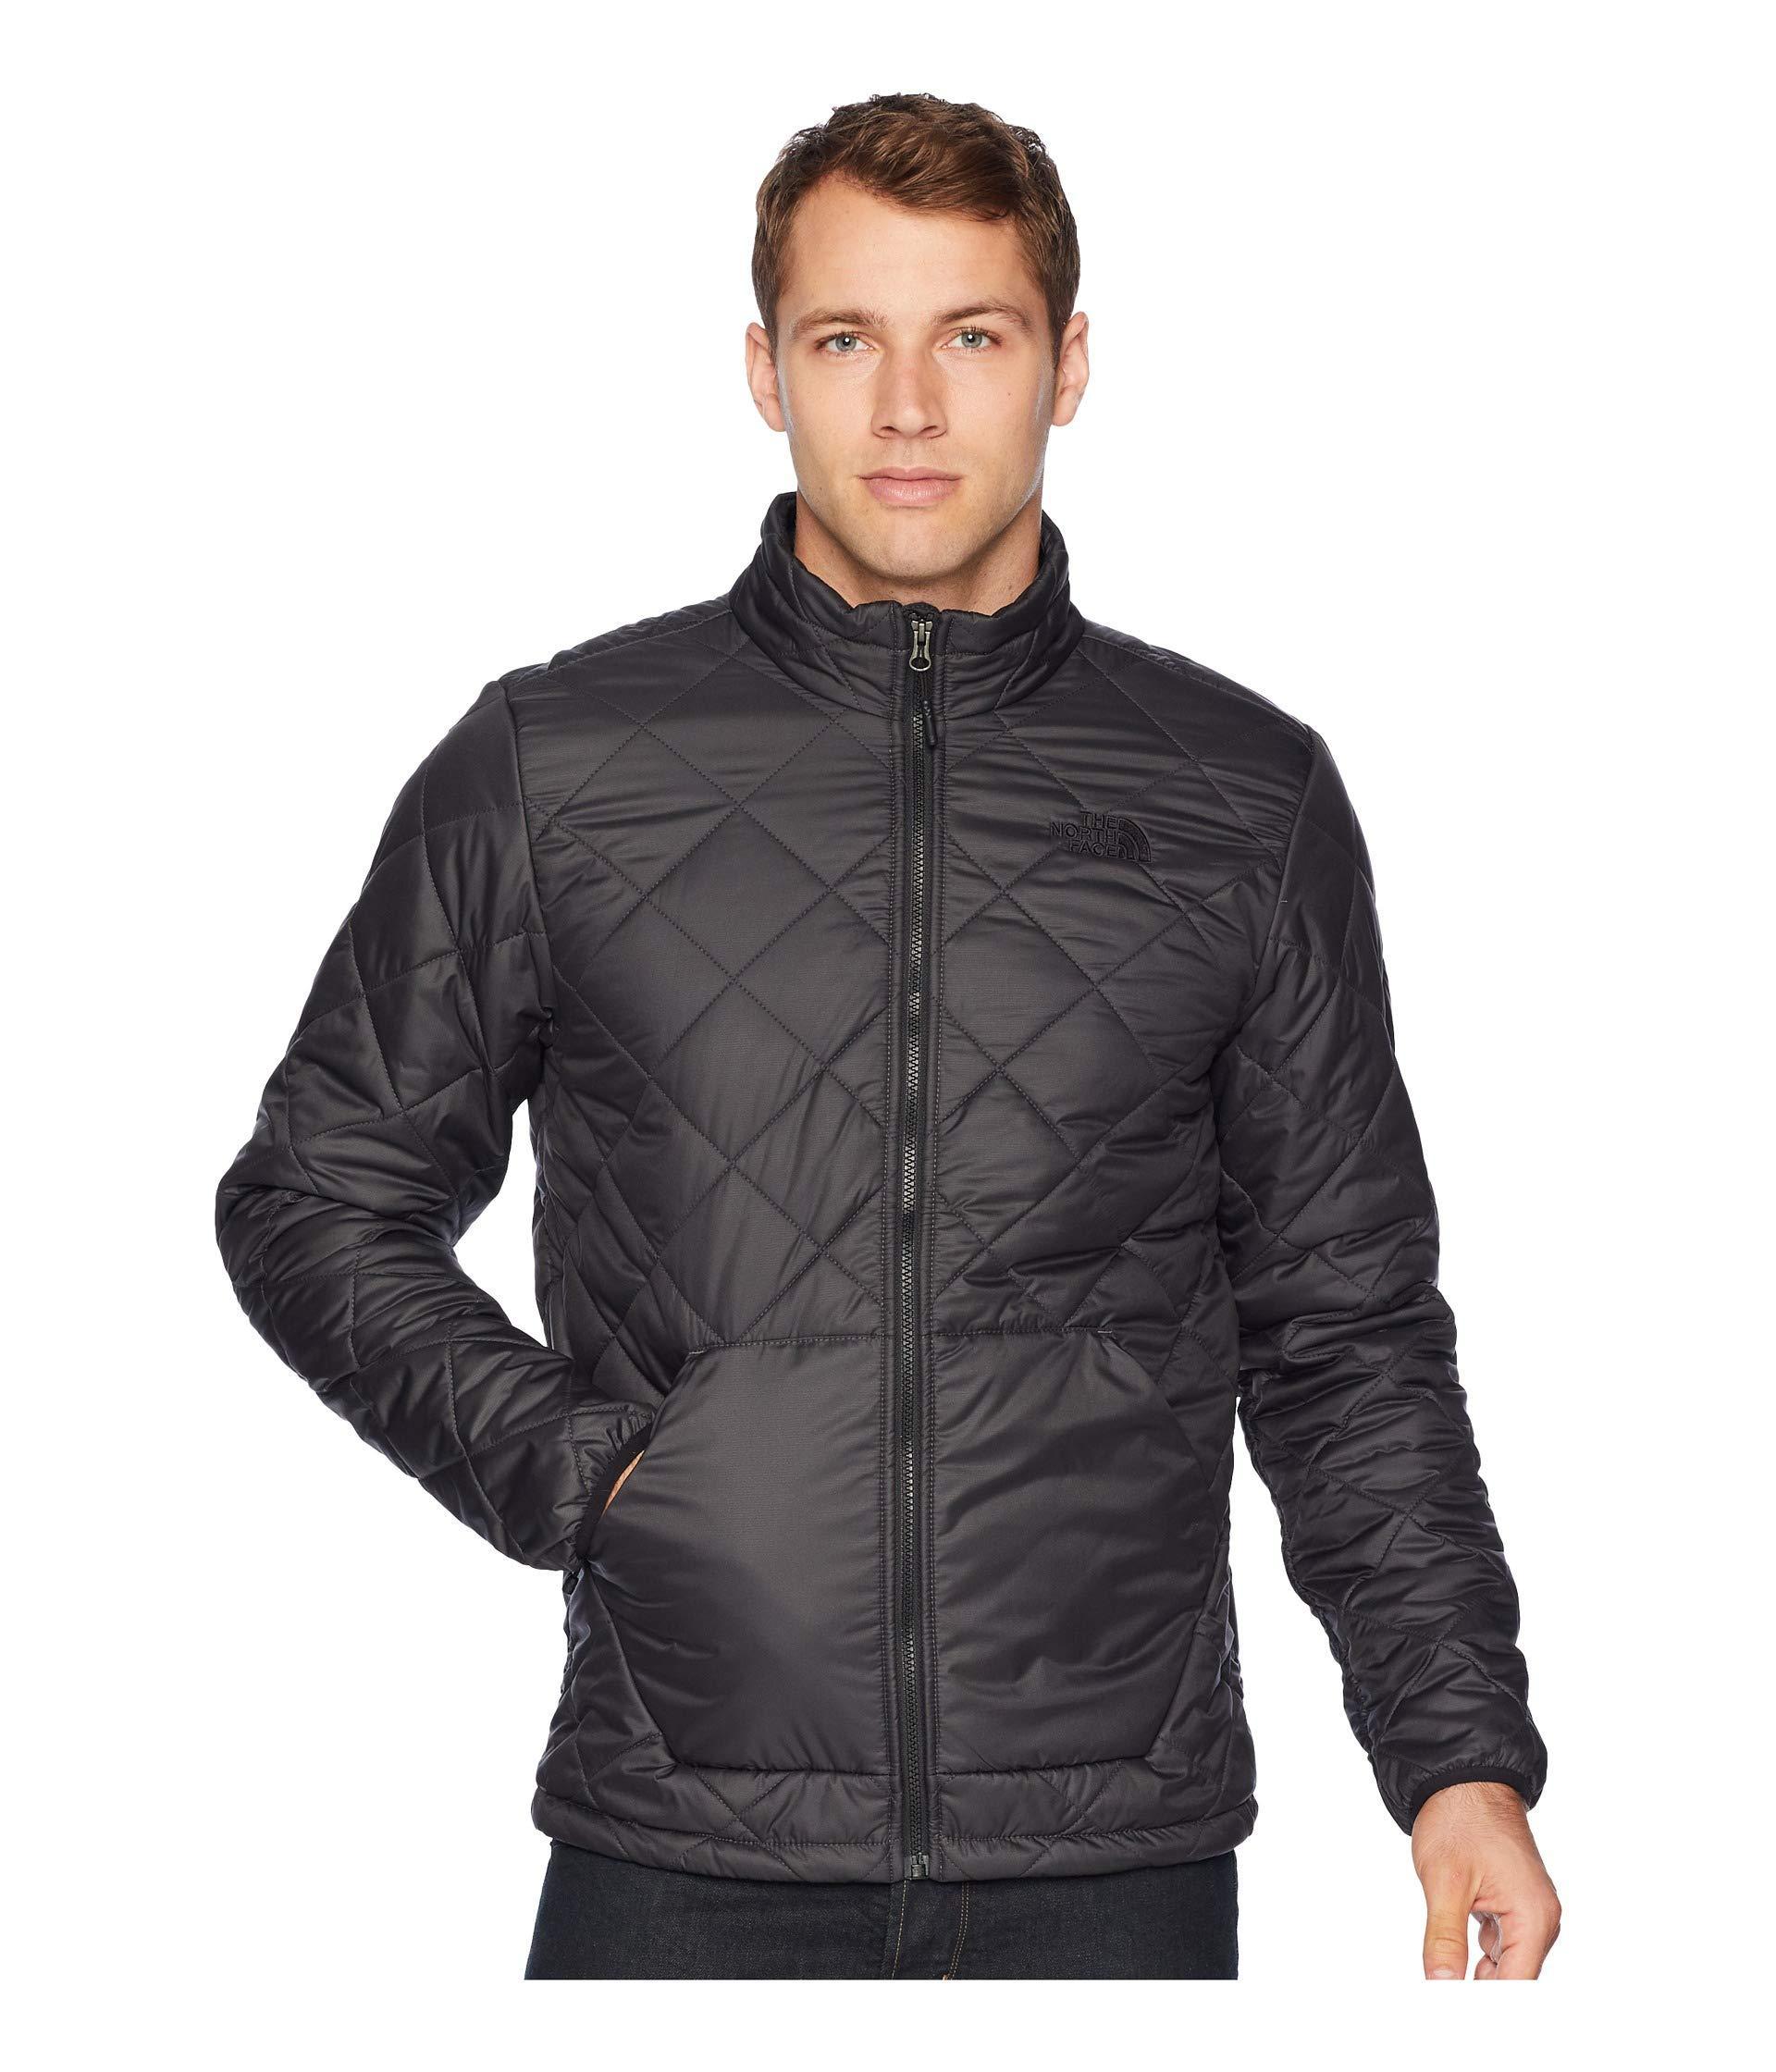 3af9de1b1 Men's Gray Cervas Jacket